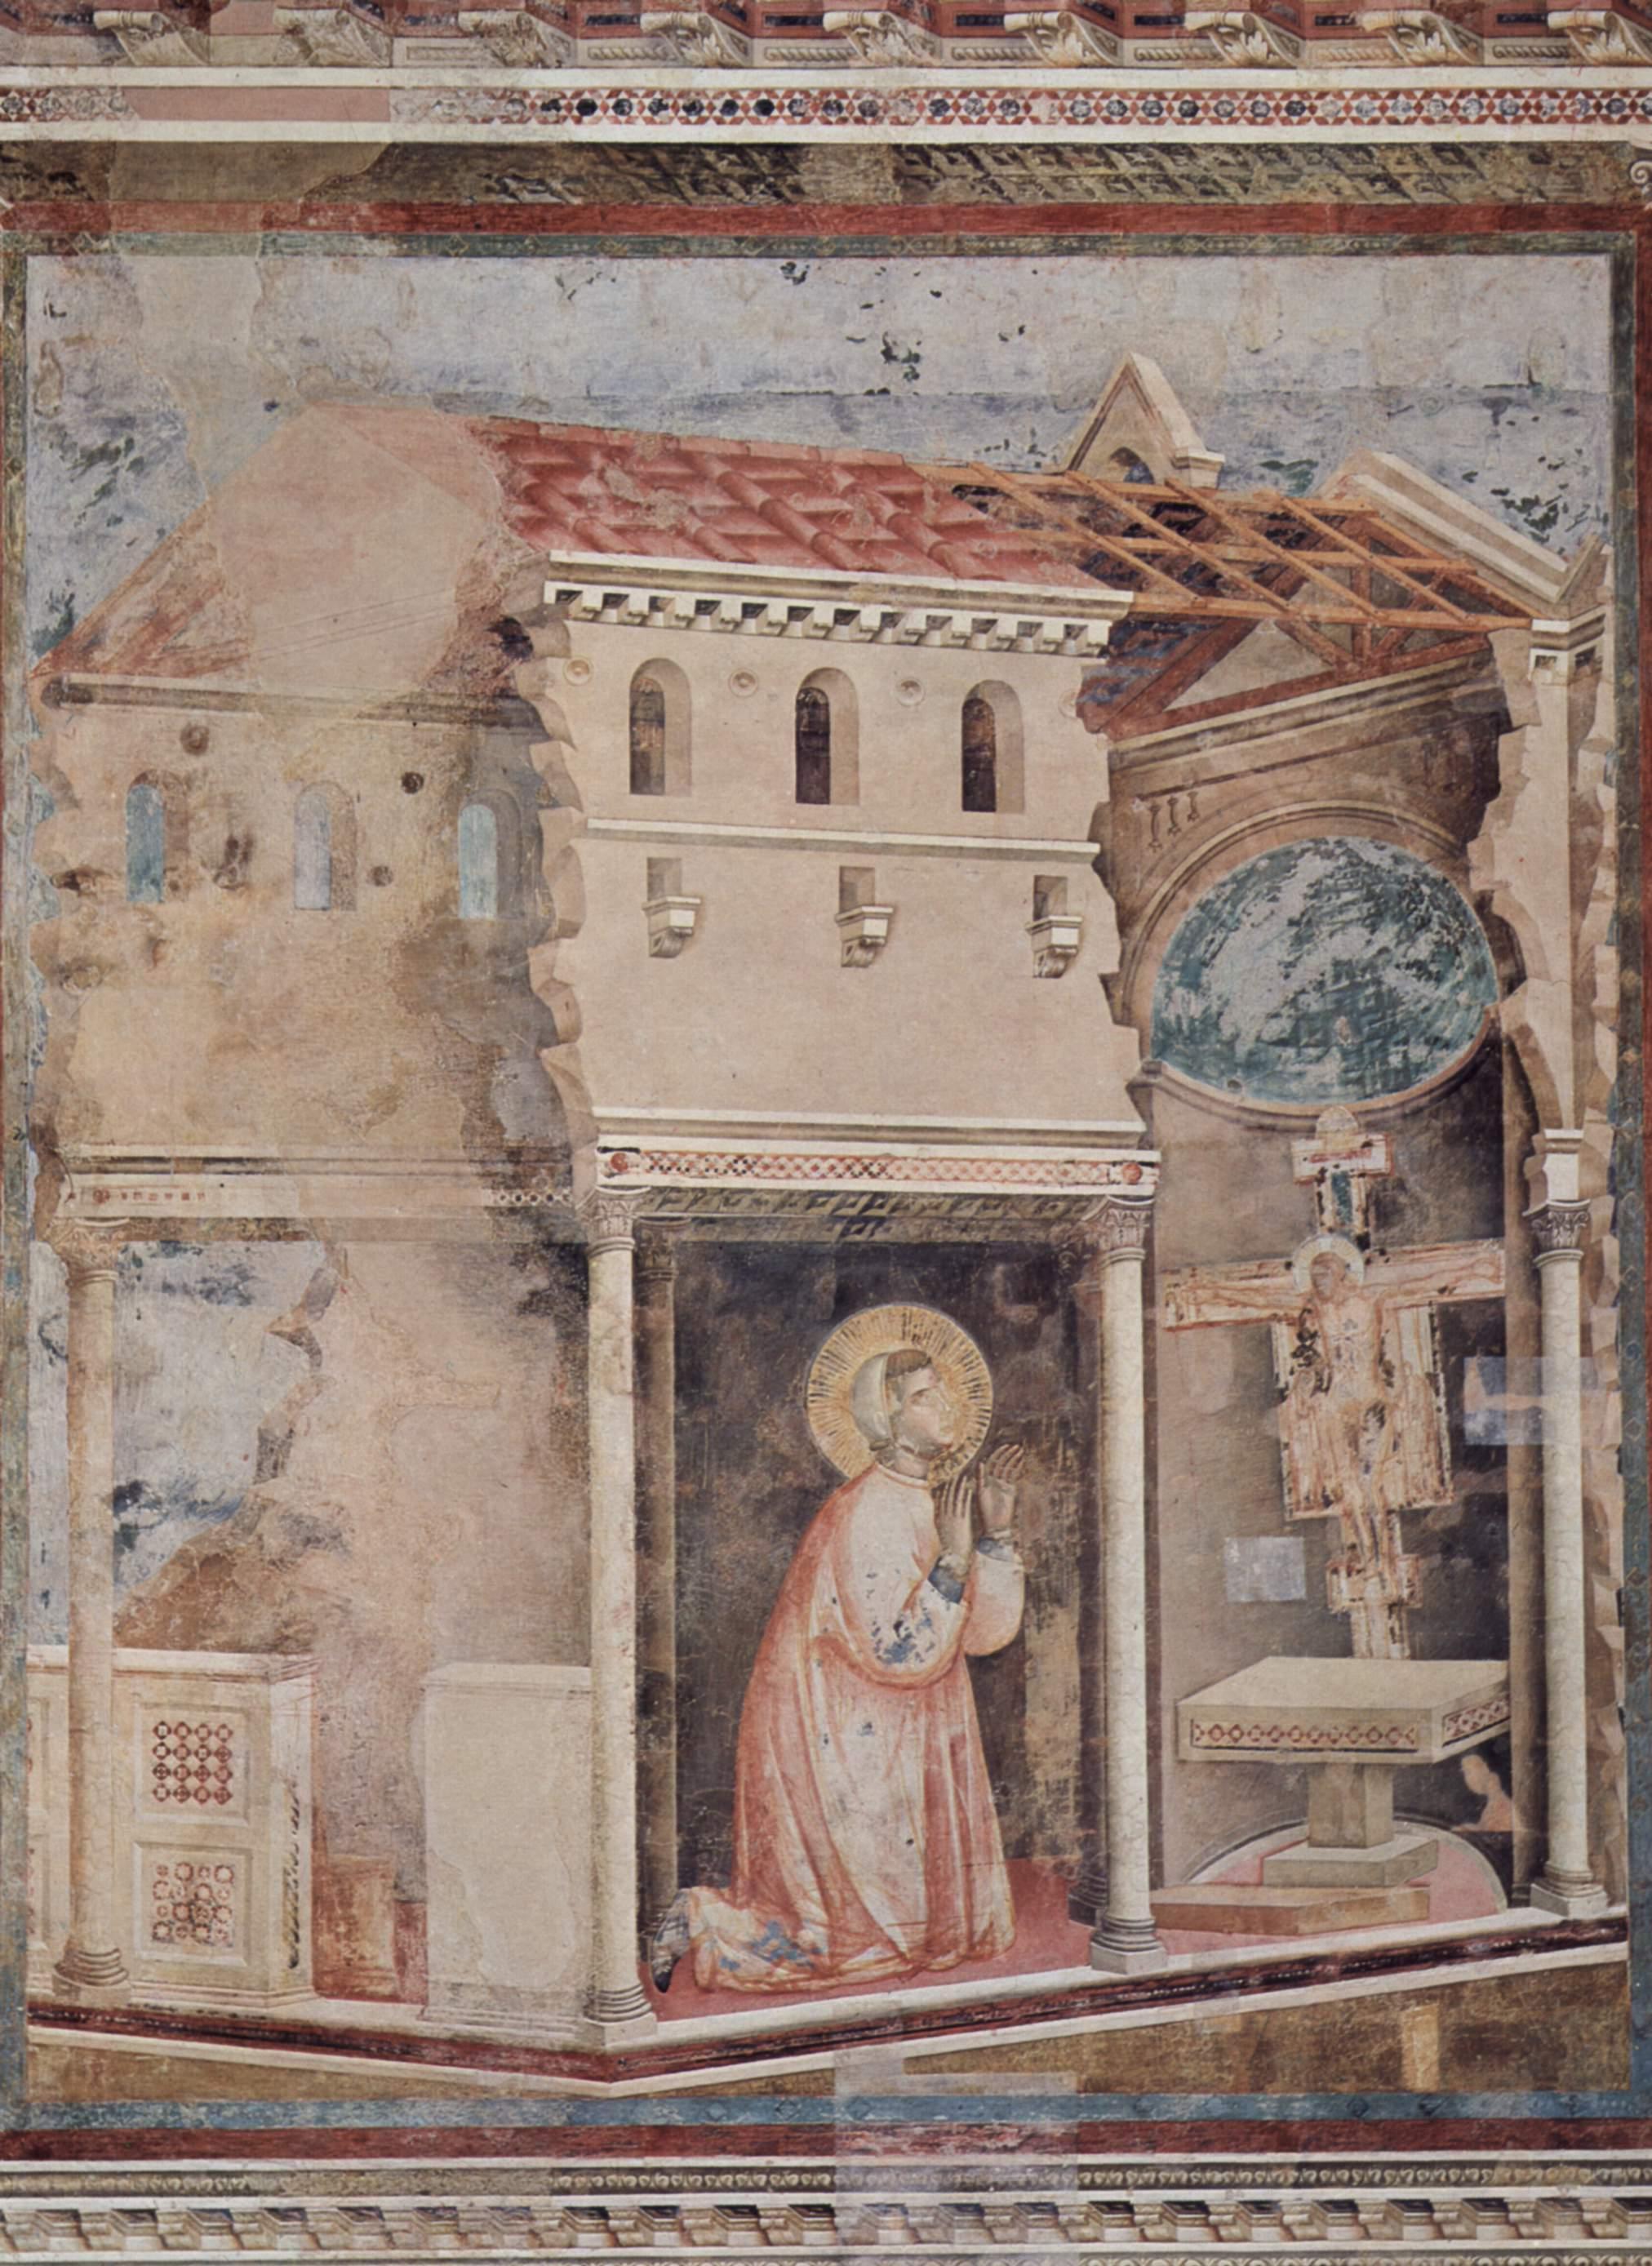 Цикл фресок о жизни св. Франциска Ассизского. Молитва св. Франциска в Сан Дамиано (Франциск получает, Джотто ди Бондоне